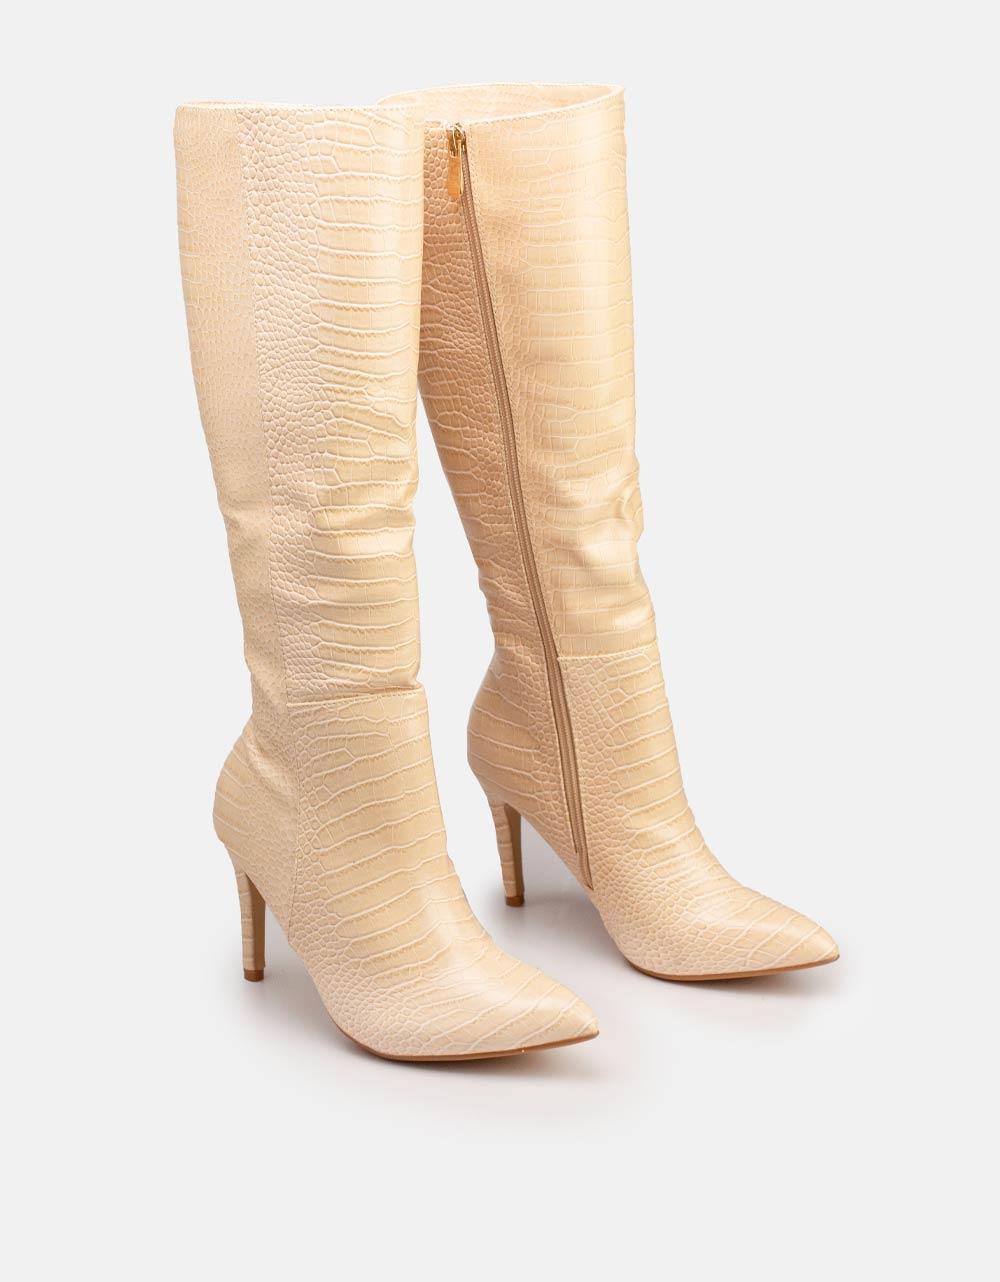 Εικόνα από Γυναικείες μπότες κροκό με λεπτό τακούνι Μπεζ